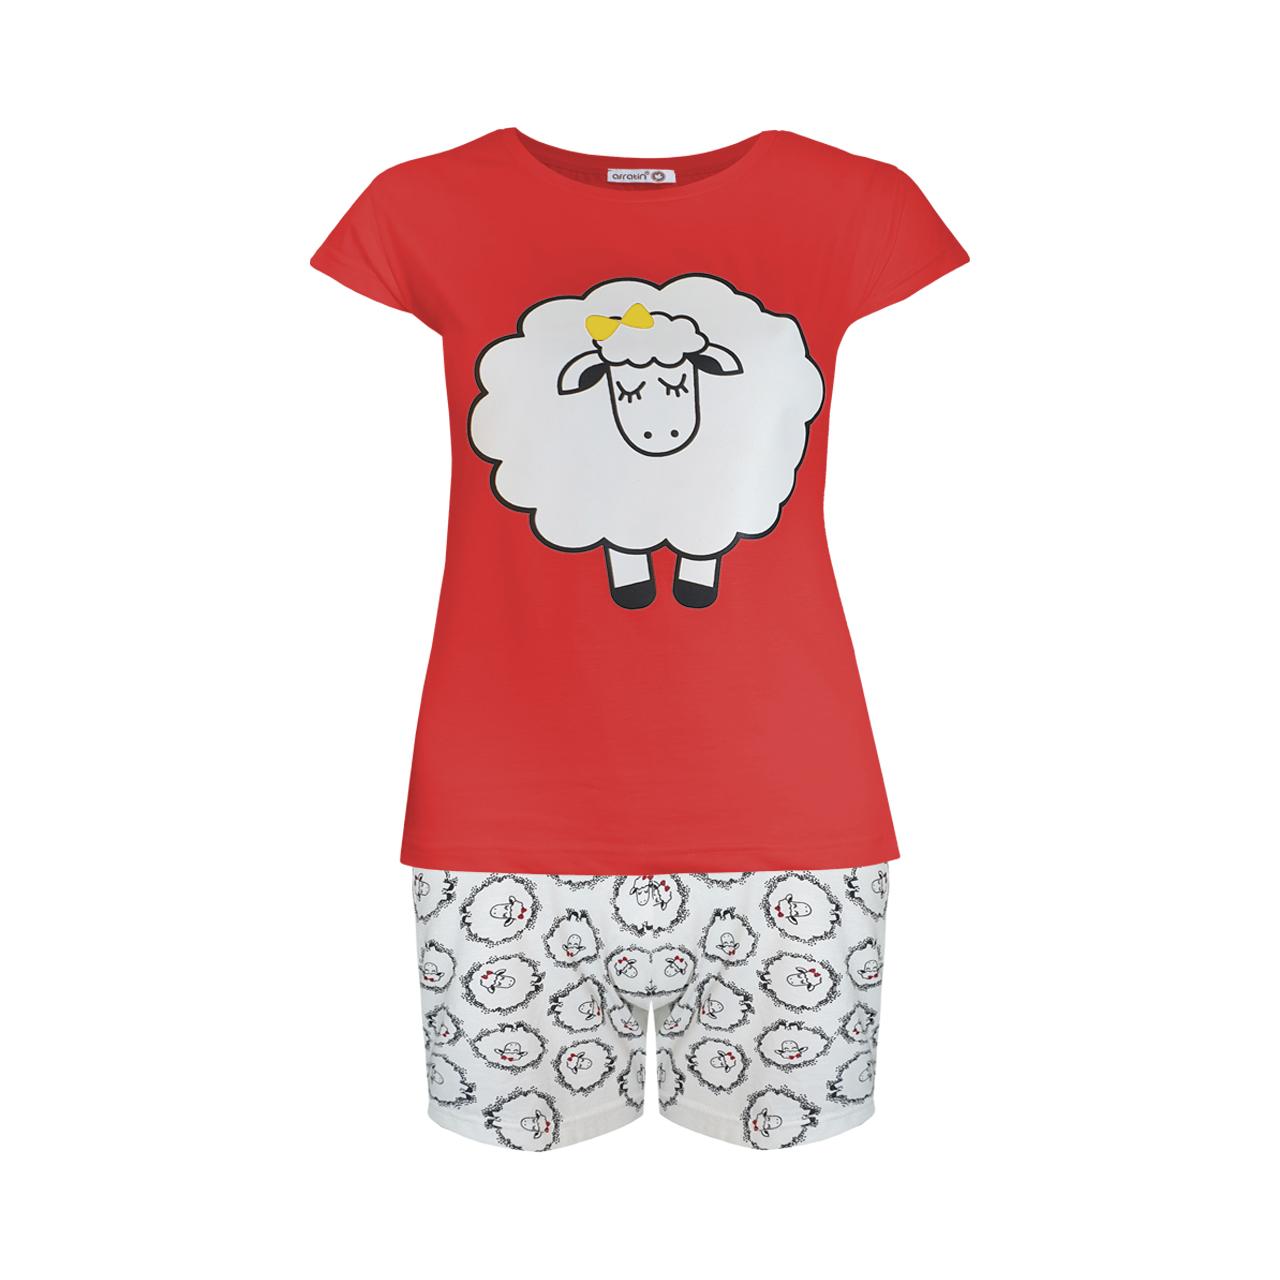 ست تی شرت و شلوارک زنانه افراتین طرح ببعی کد 6539 رنگ قرمز